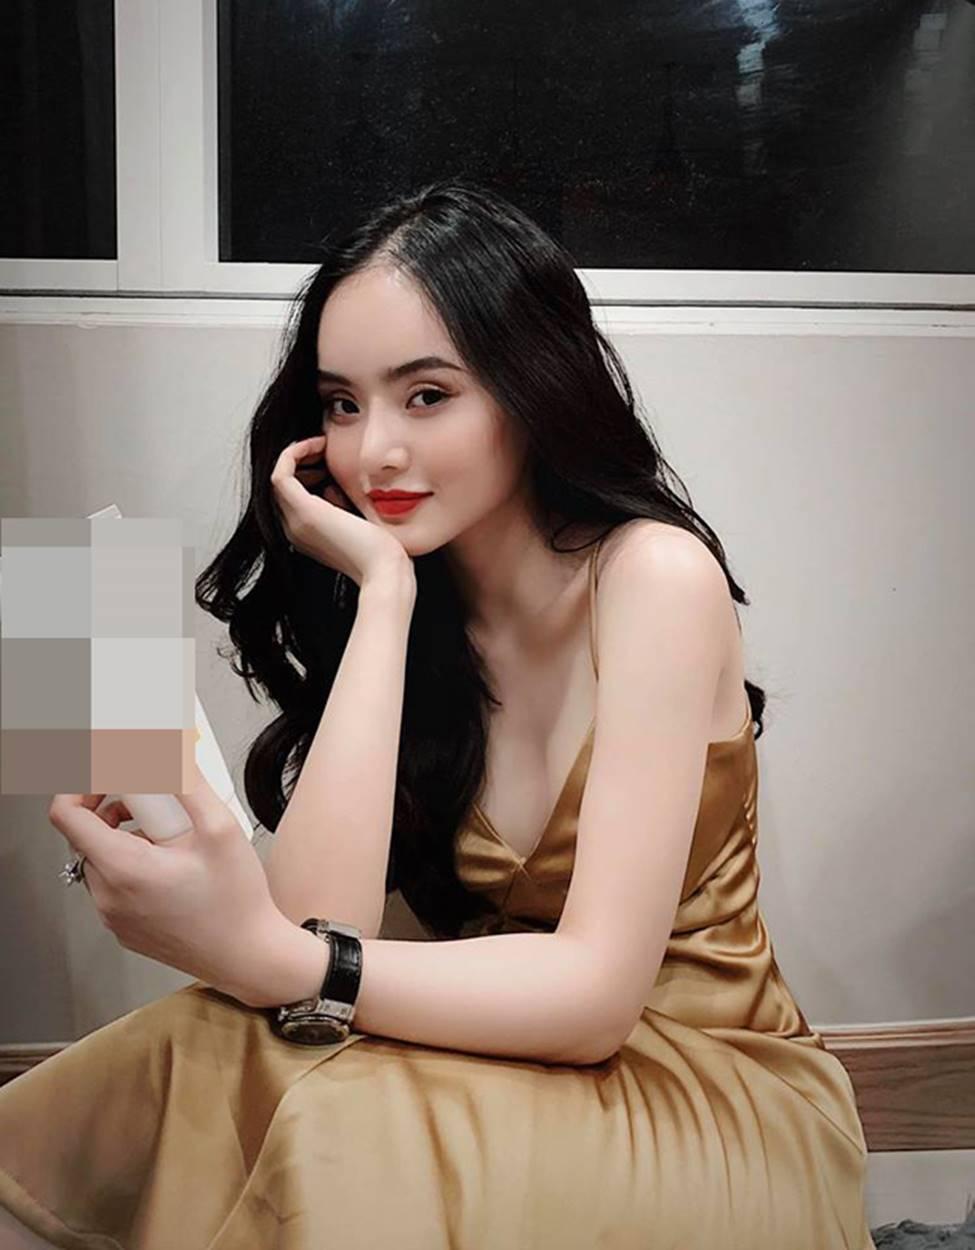 Em gái Angela Phương Trinh xinh đẹp và gợi cảm muôn phần ở tuổi 23-19